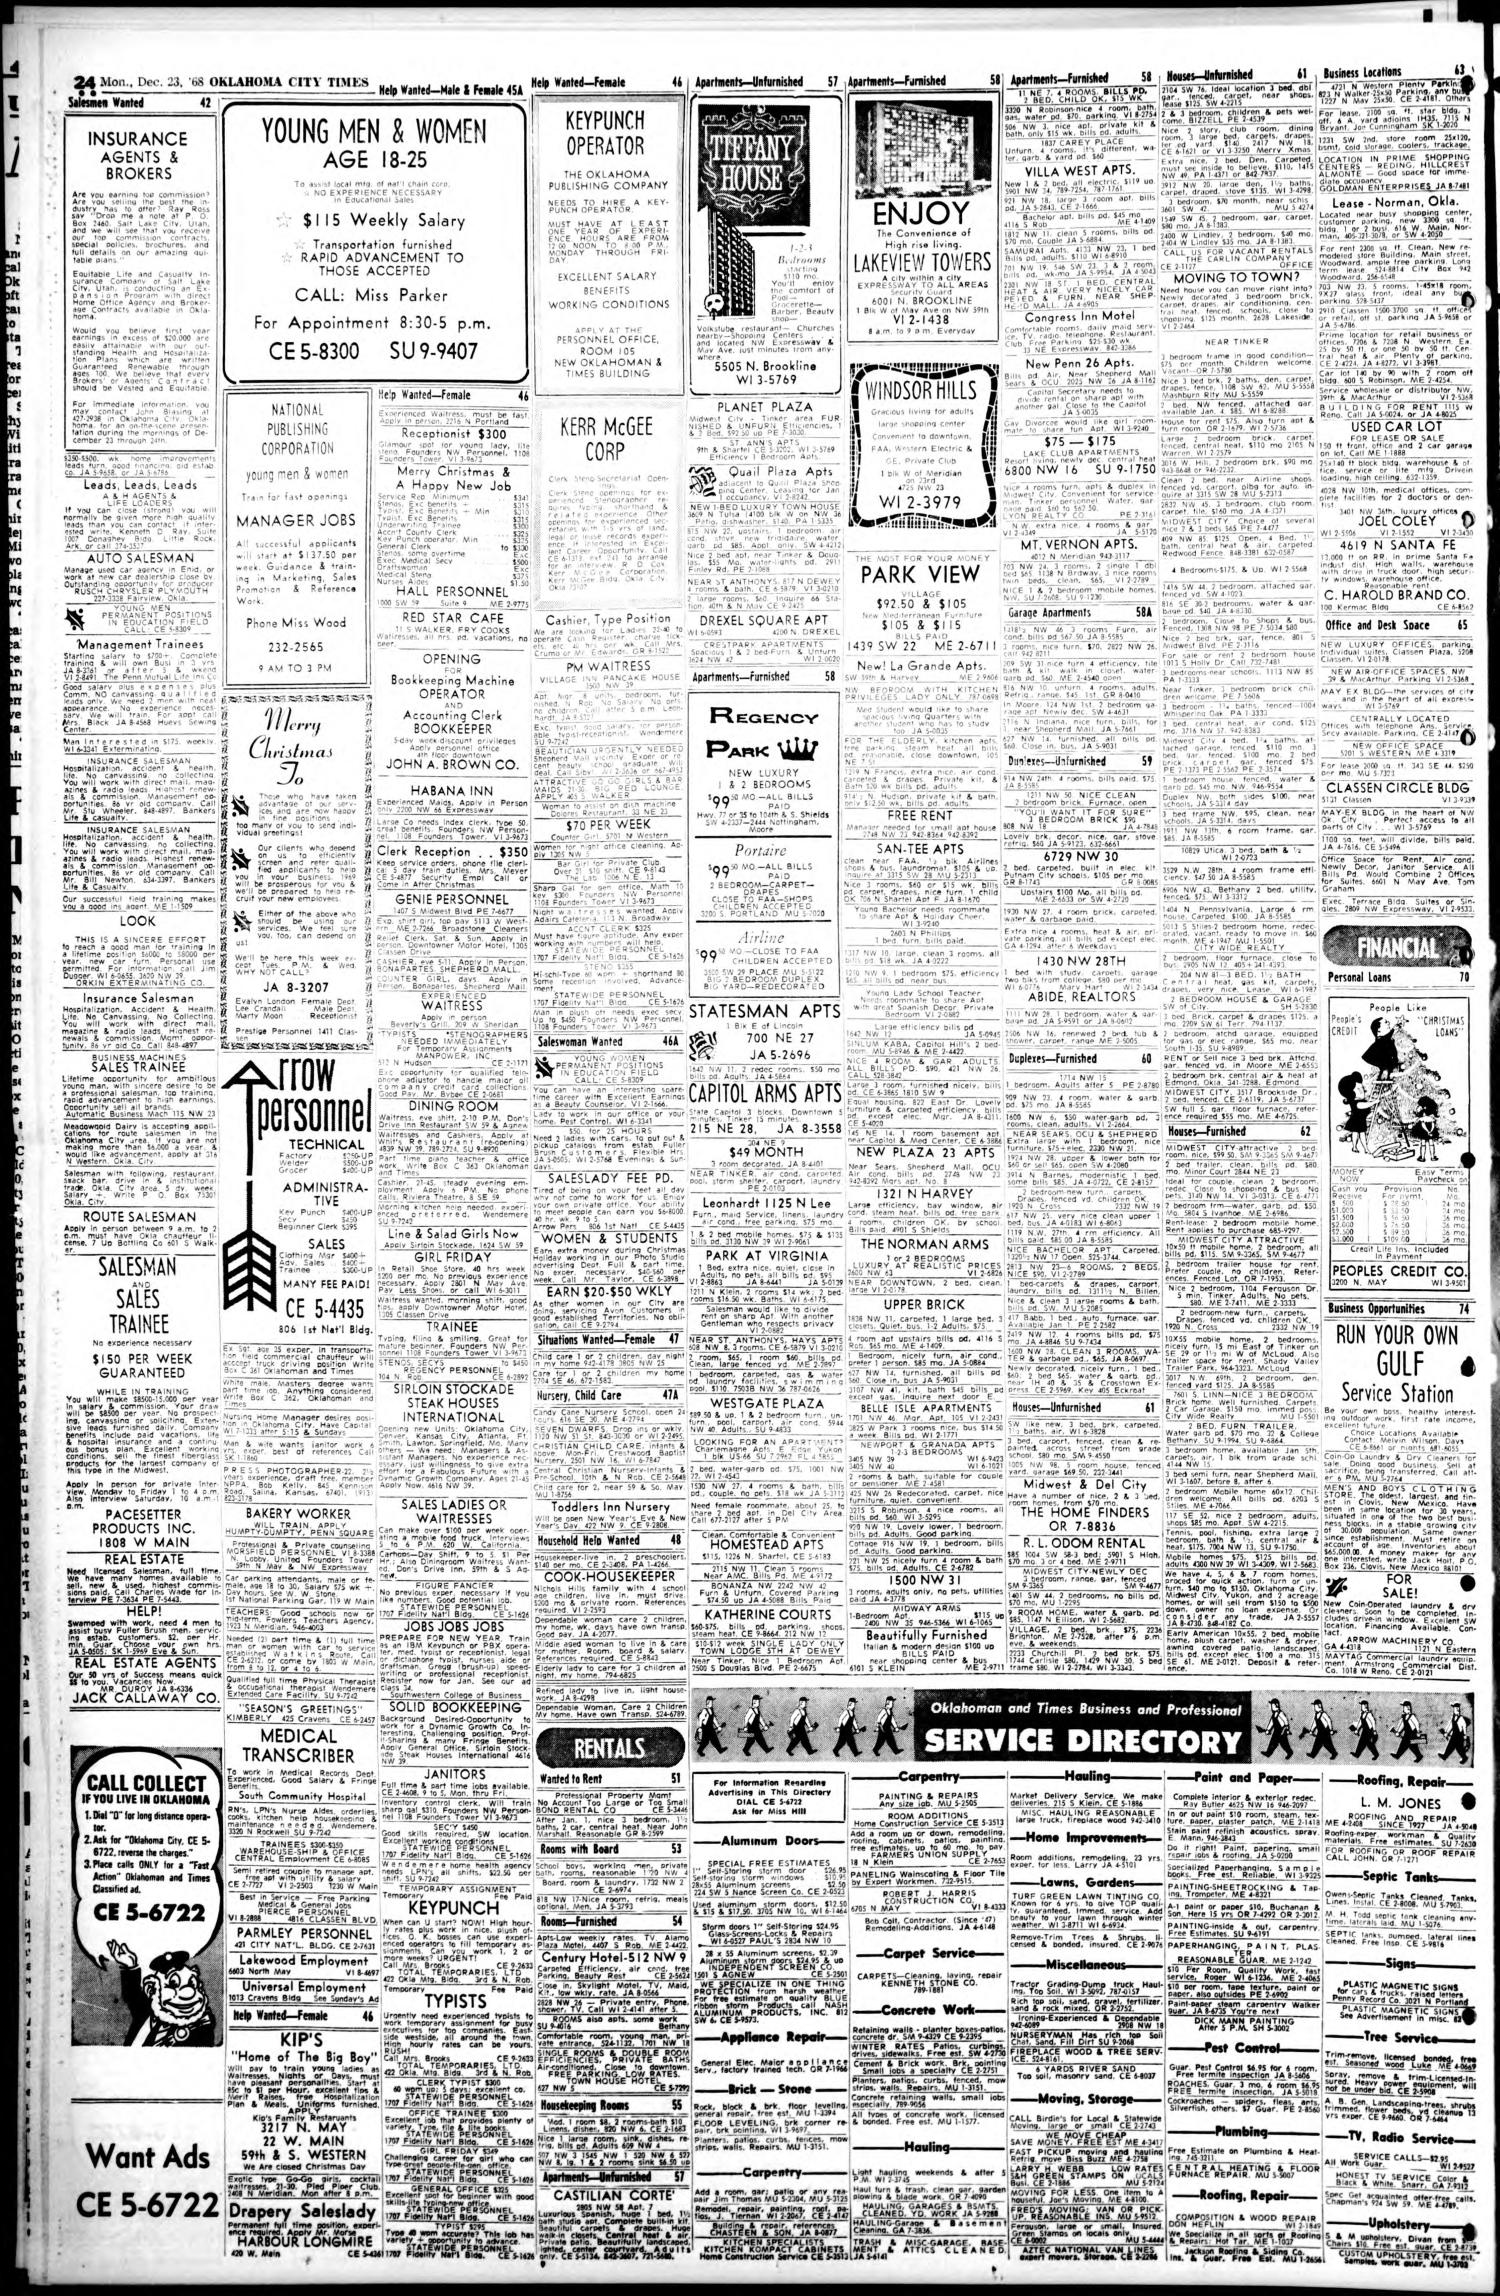 Oklahoma City Times (Oklahoma City, Okla ), Vol  79, No  264